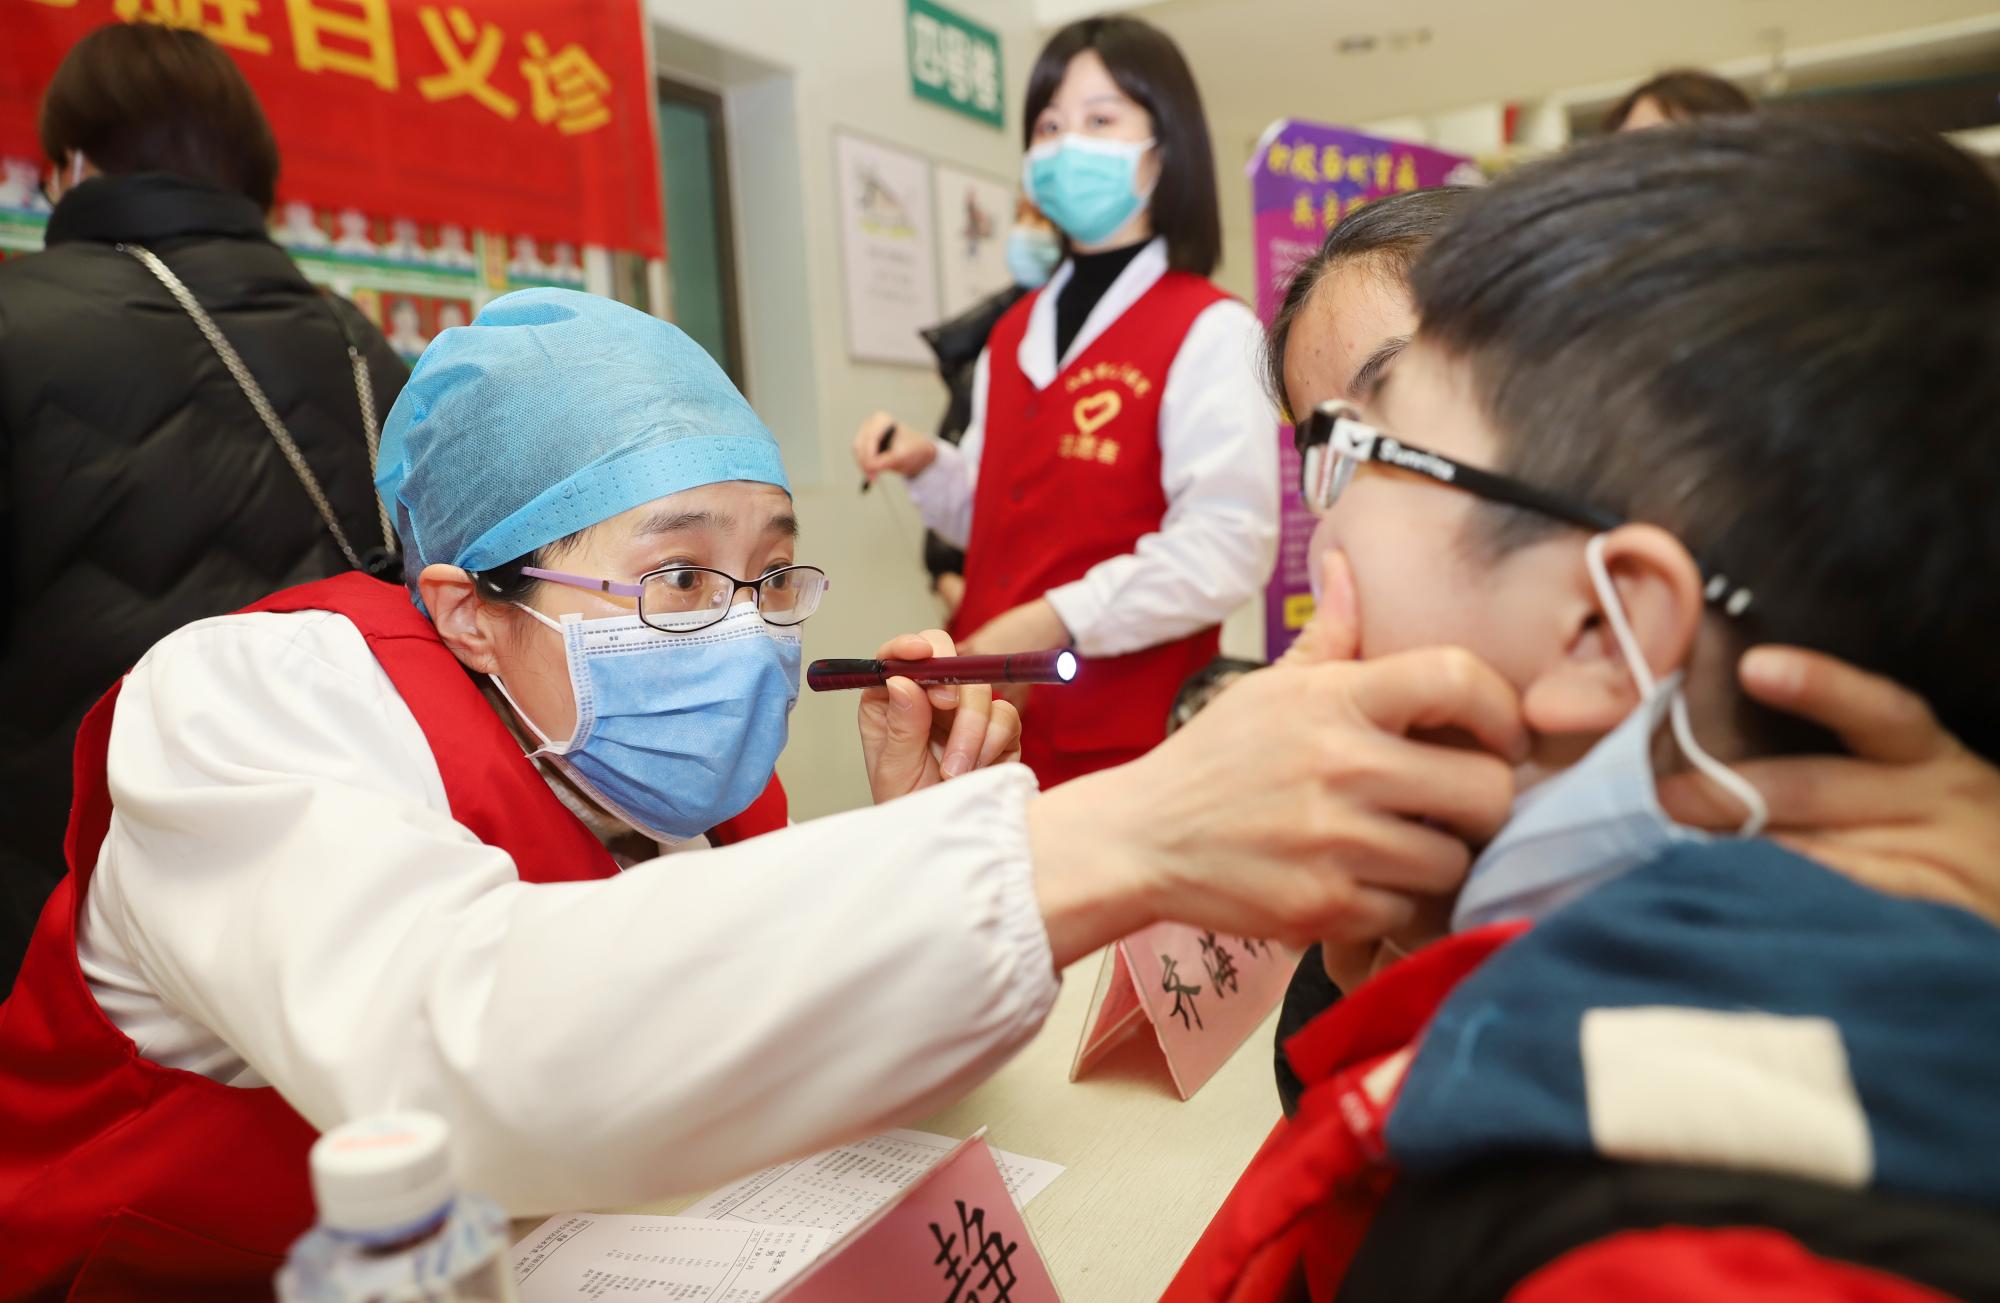 江西省儿童医院开展世界肾脏日义诊活动,呵护儿童肾脏健康